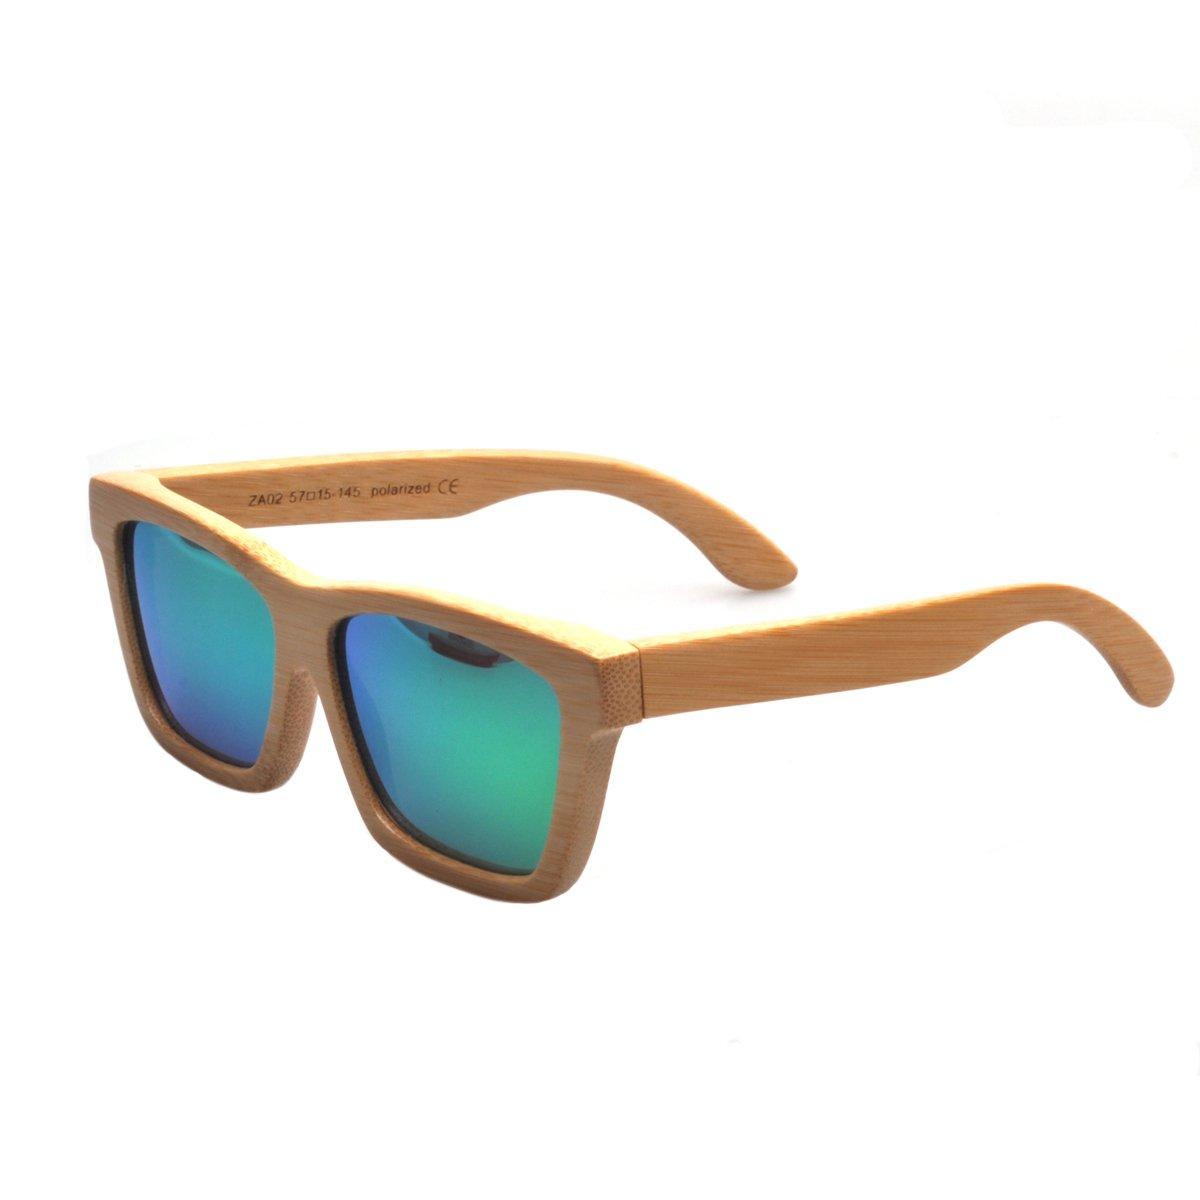 Gafas de sol polarizadas artessanales de Bambú